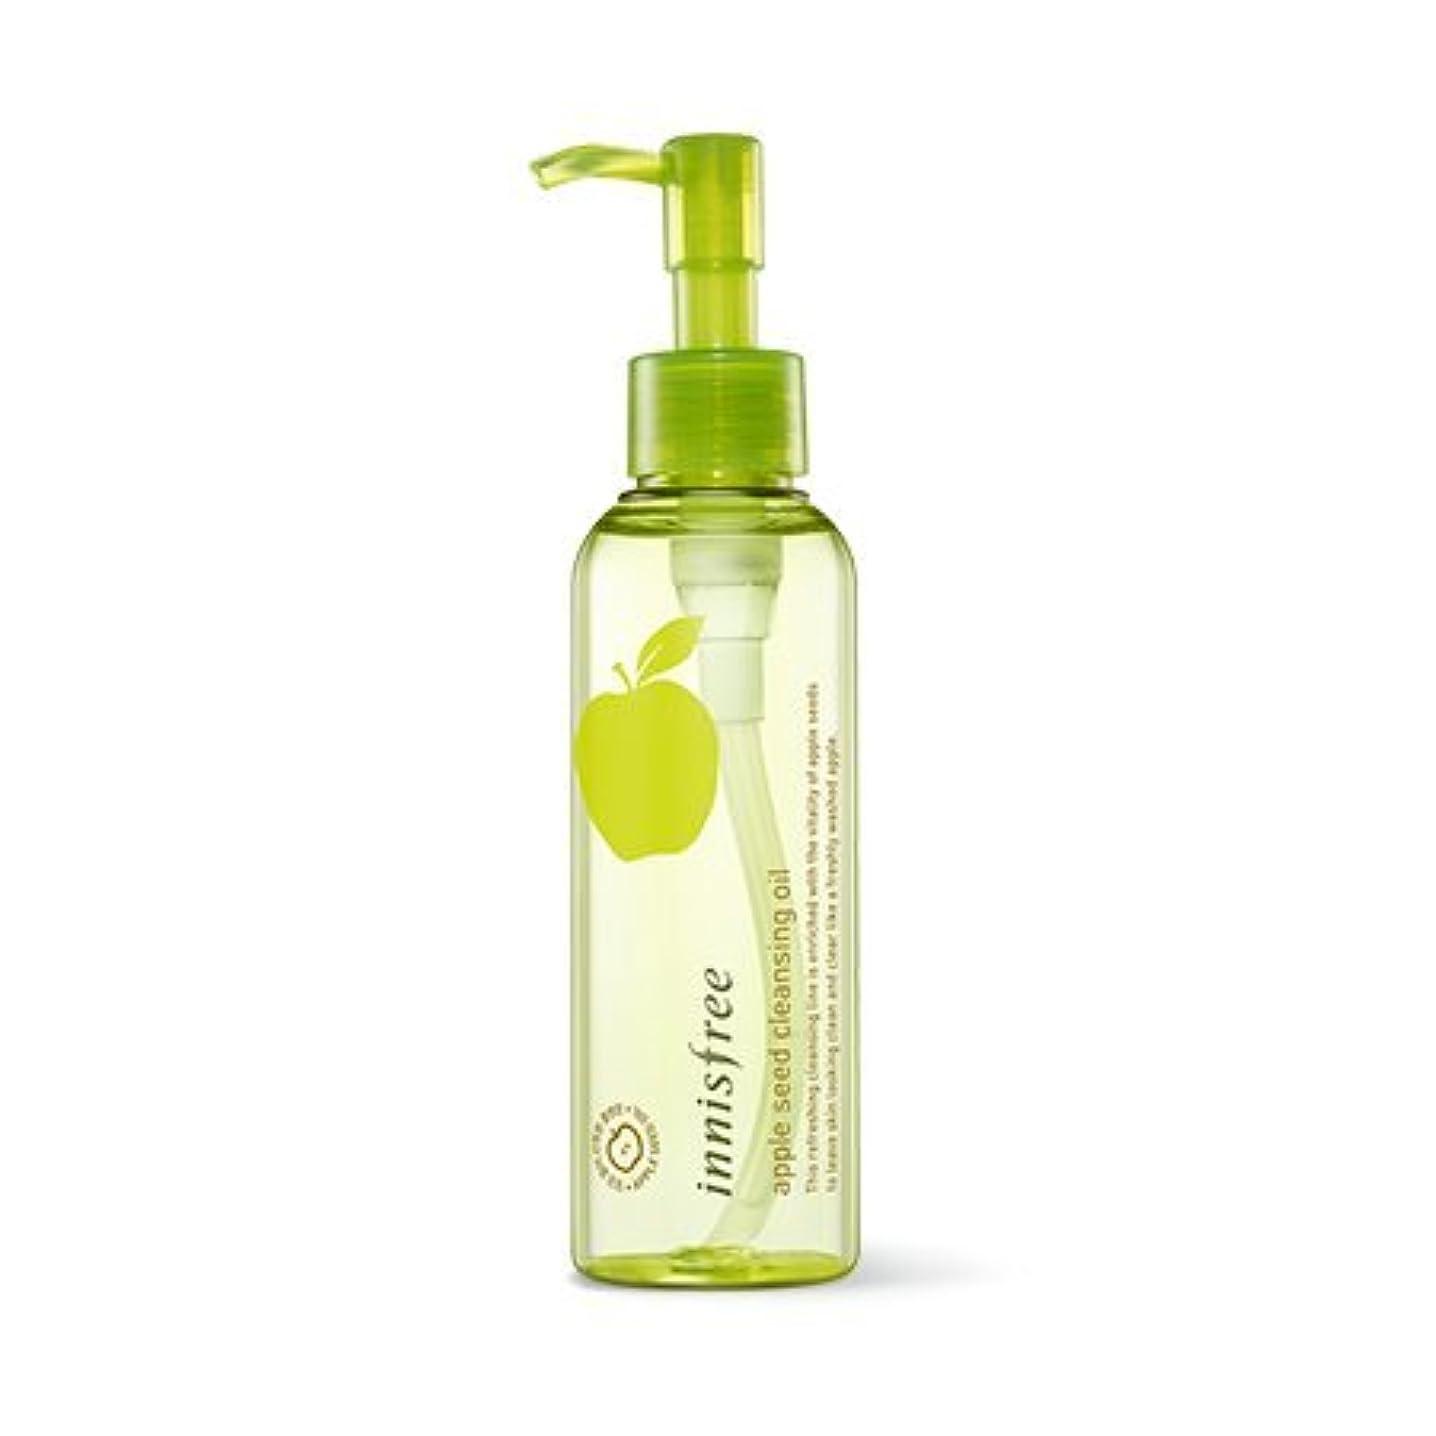 ナースバルクアプローチ[New] innisfree Apple Seed Cleansing Oil 150ml/イニスフリー アップル シード クレンジング オイル 150ml